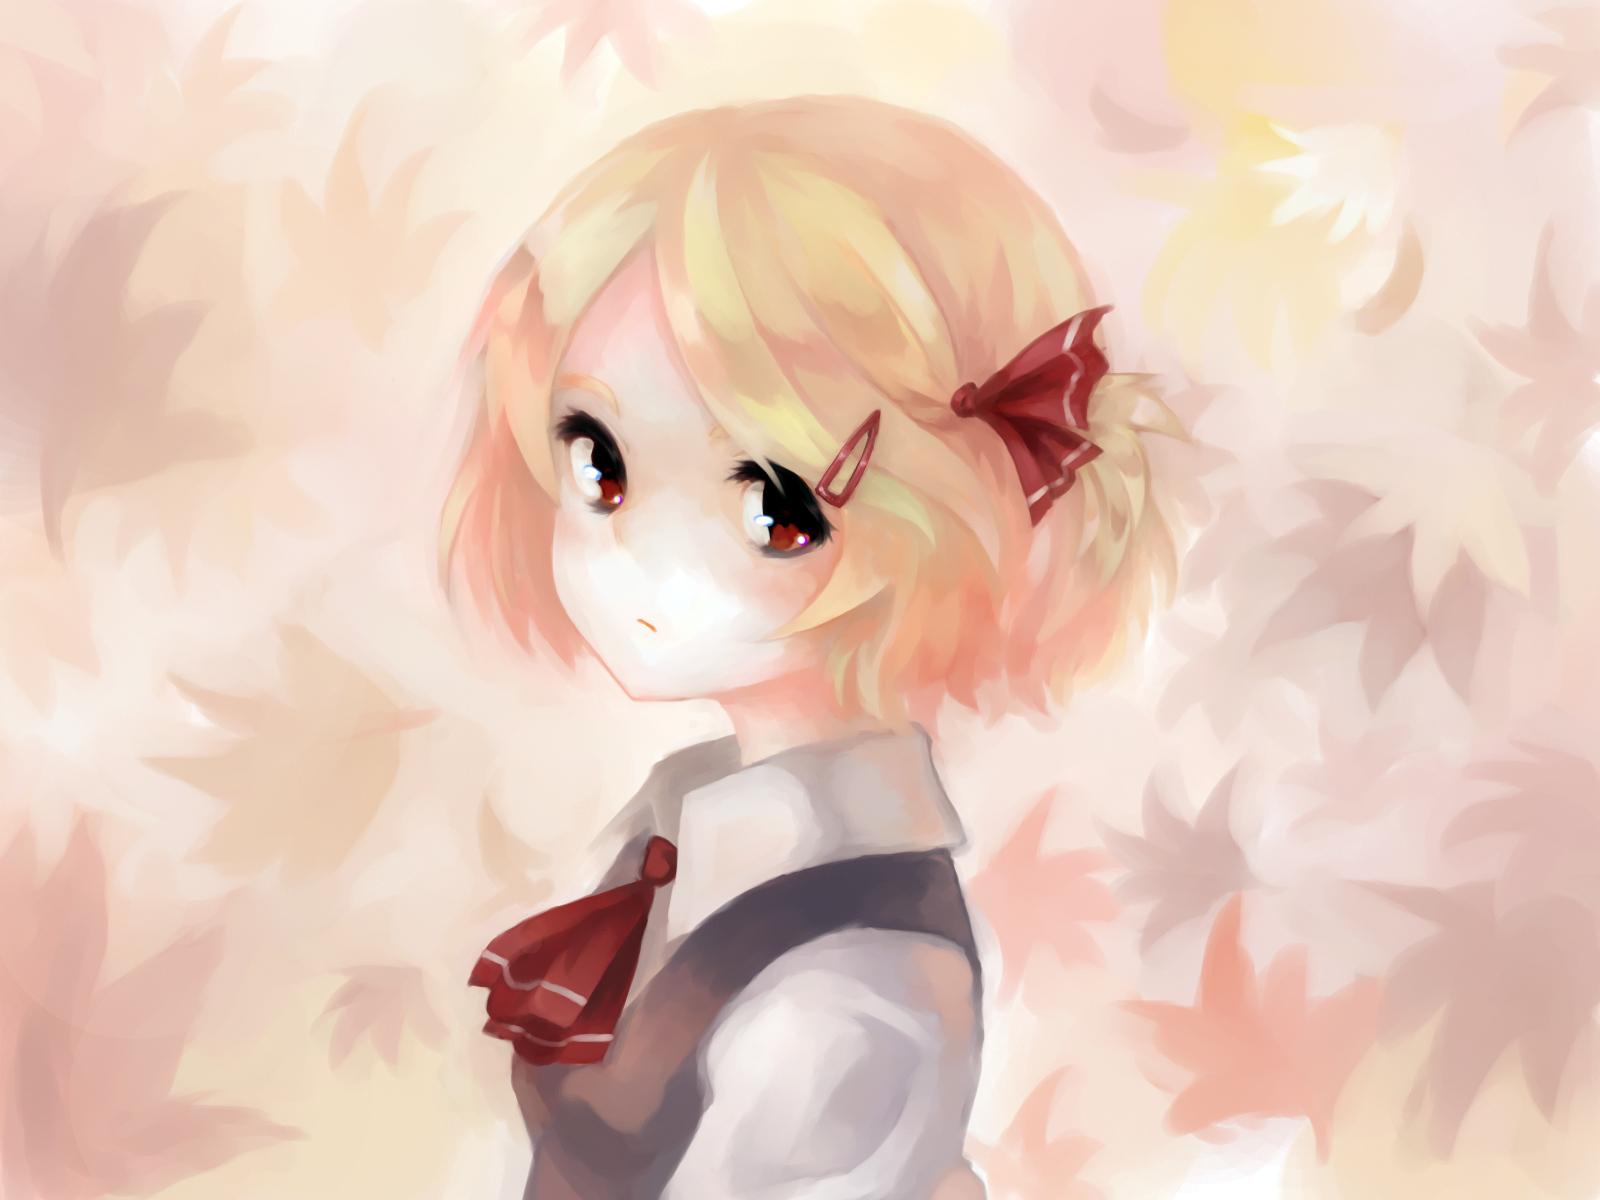 hair Anime blond girl short